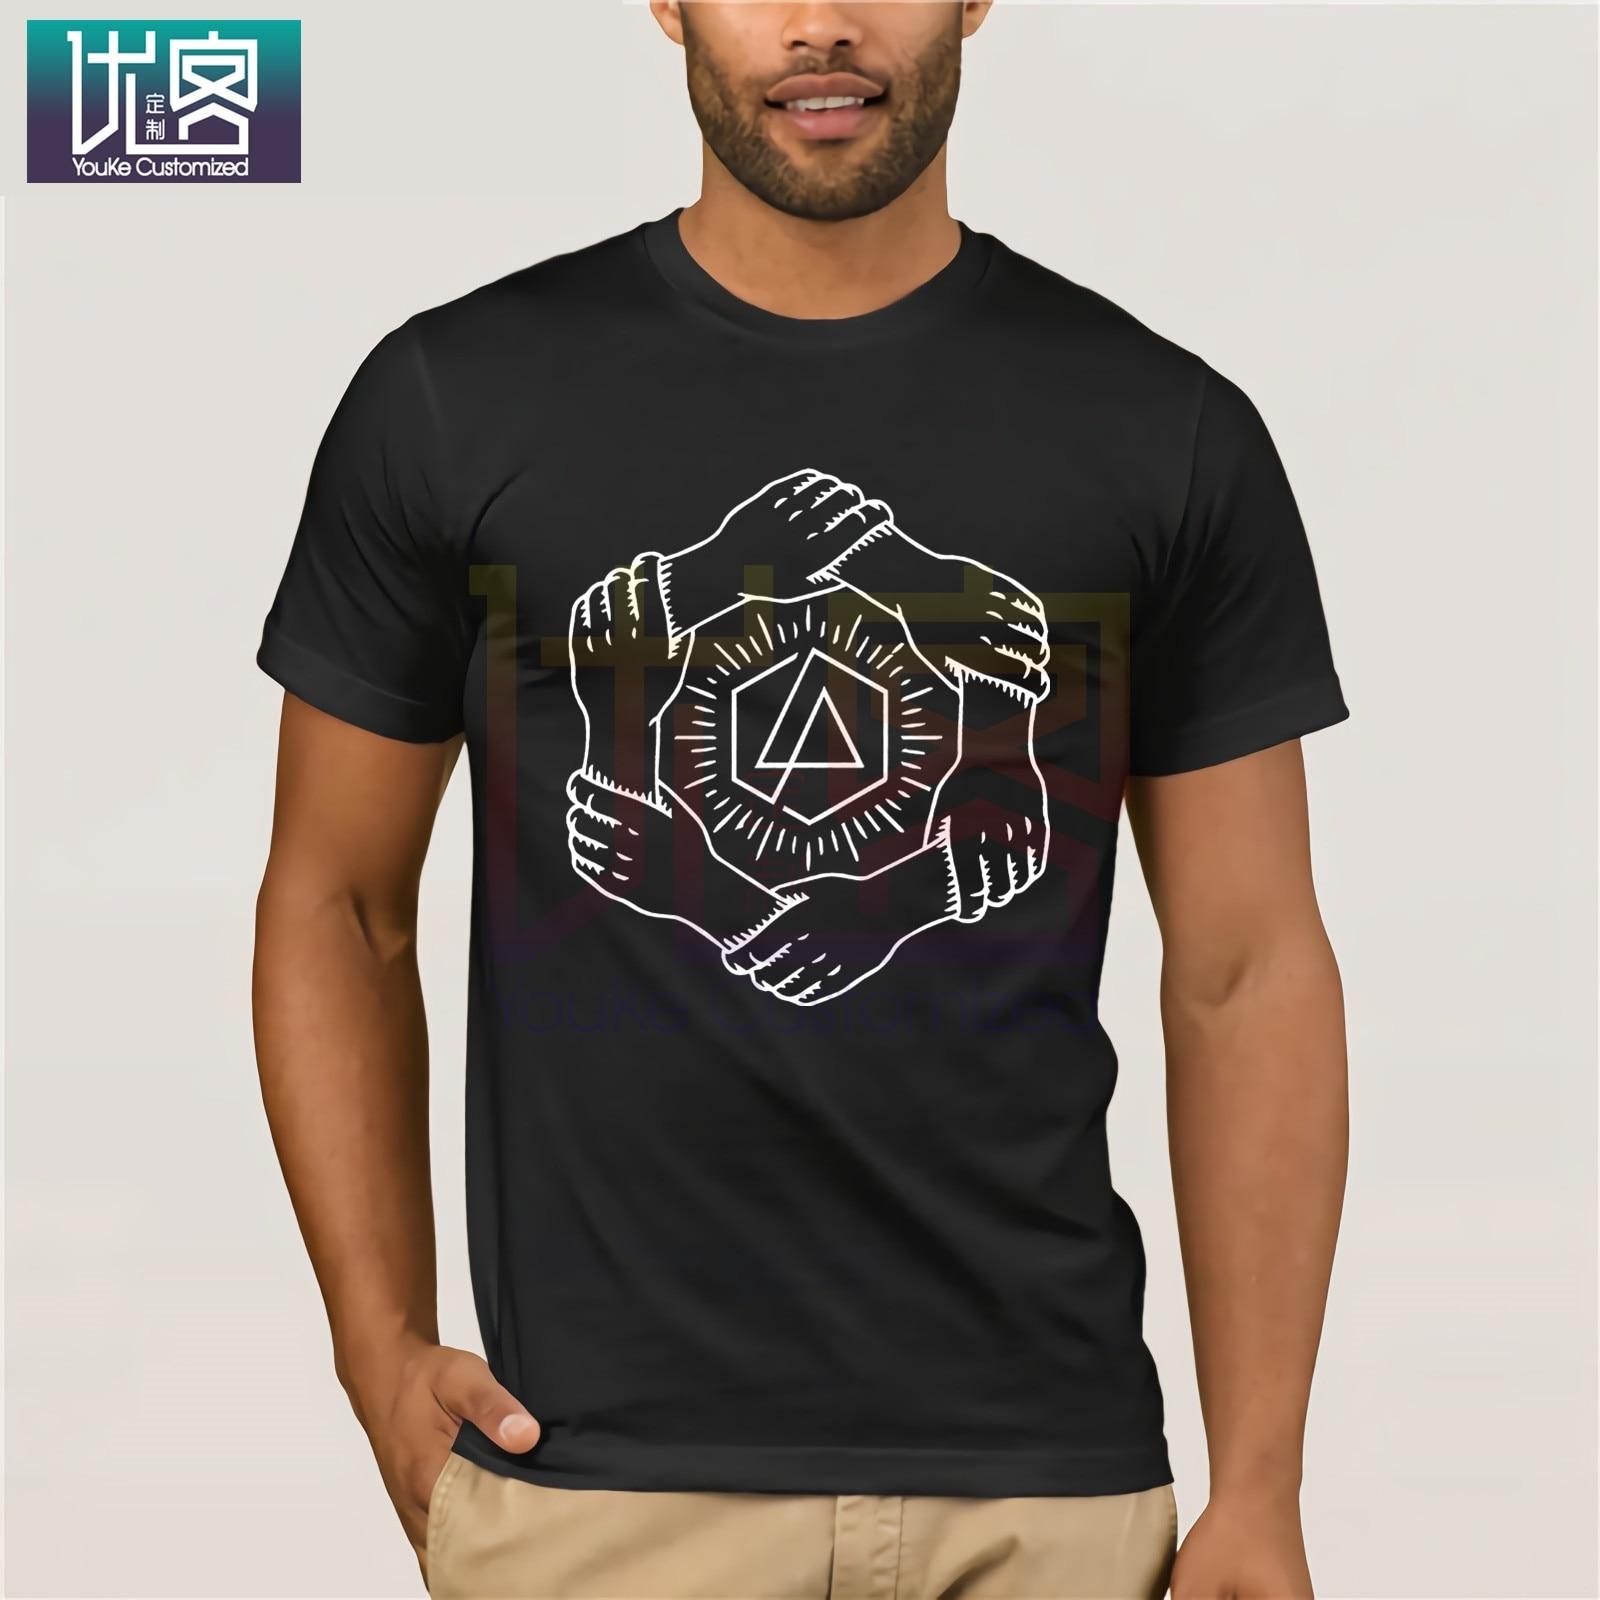 Camisetas de diseño para hombre Linkin Park & Crossbones chicas Juniors negro camiseta nueva Cool divertida camisetas divertidas camisetas de algodón